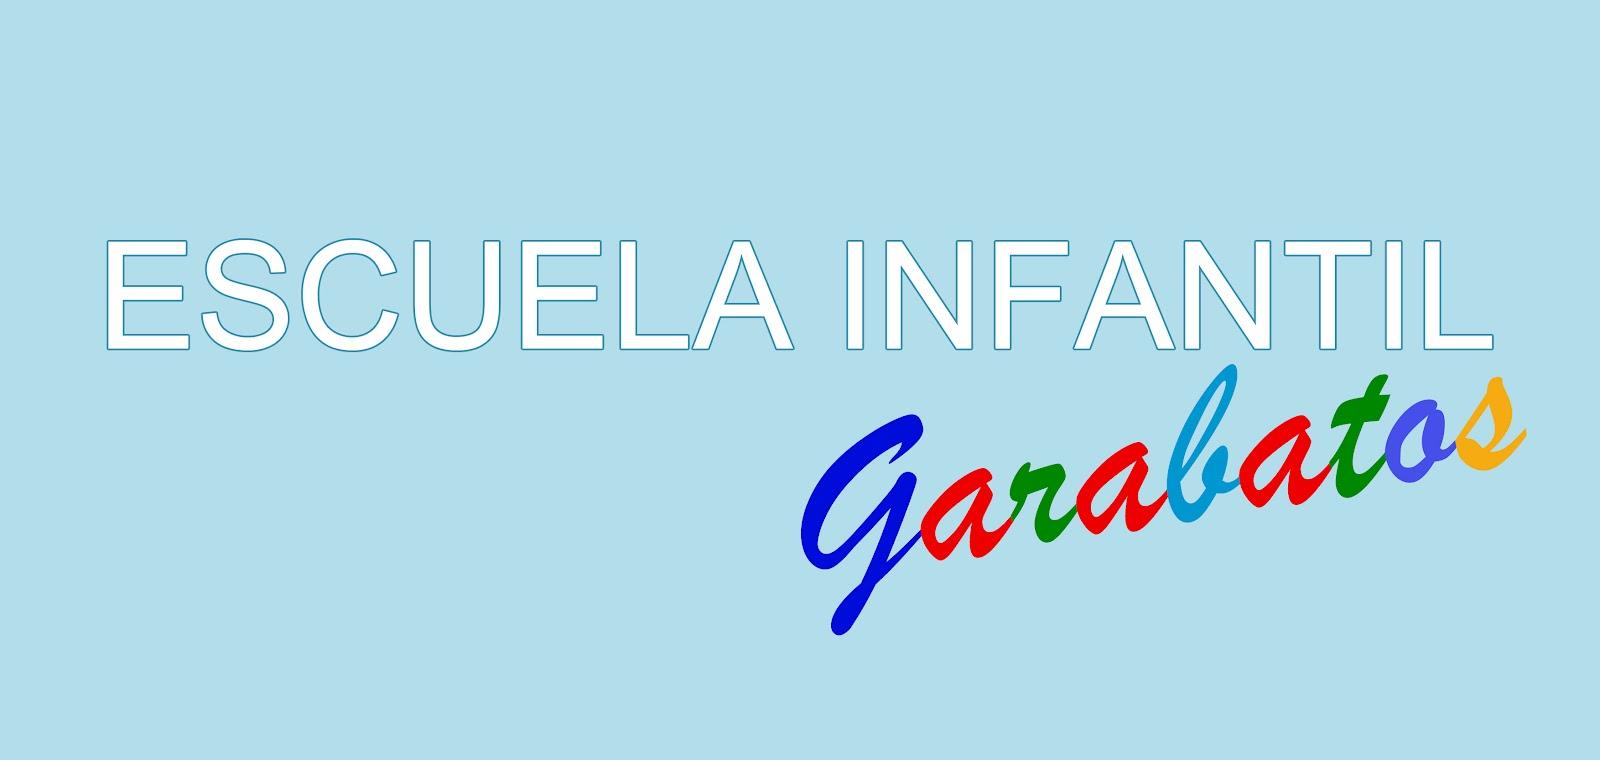 Escuela infantil garabatos - Garabatos mobiliario juvenil e infantil ...